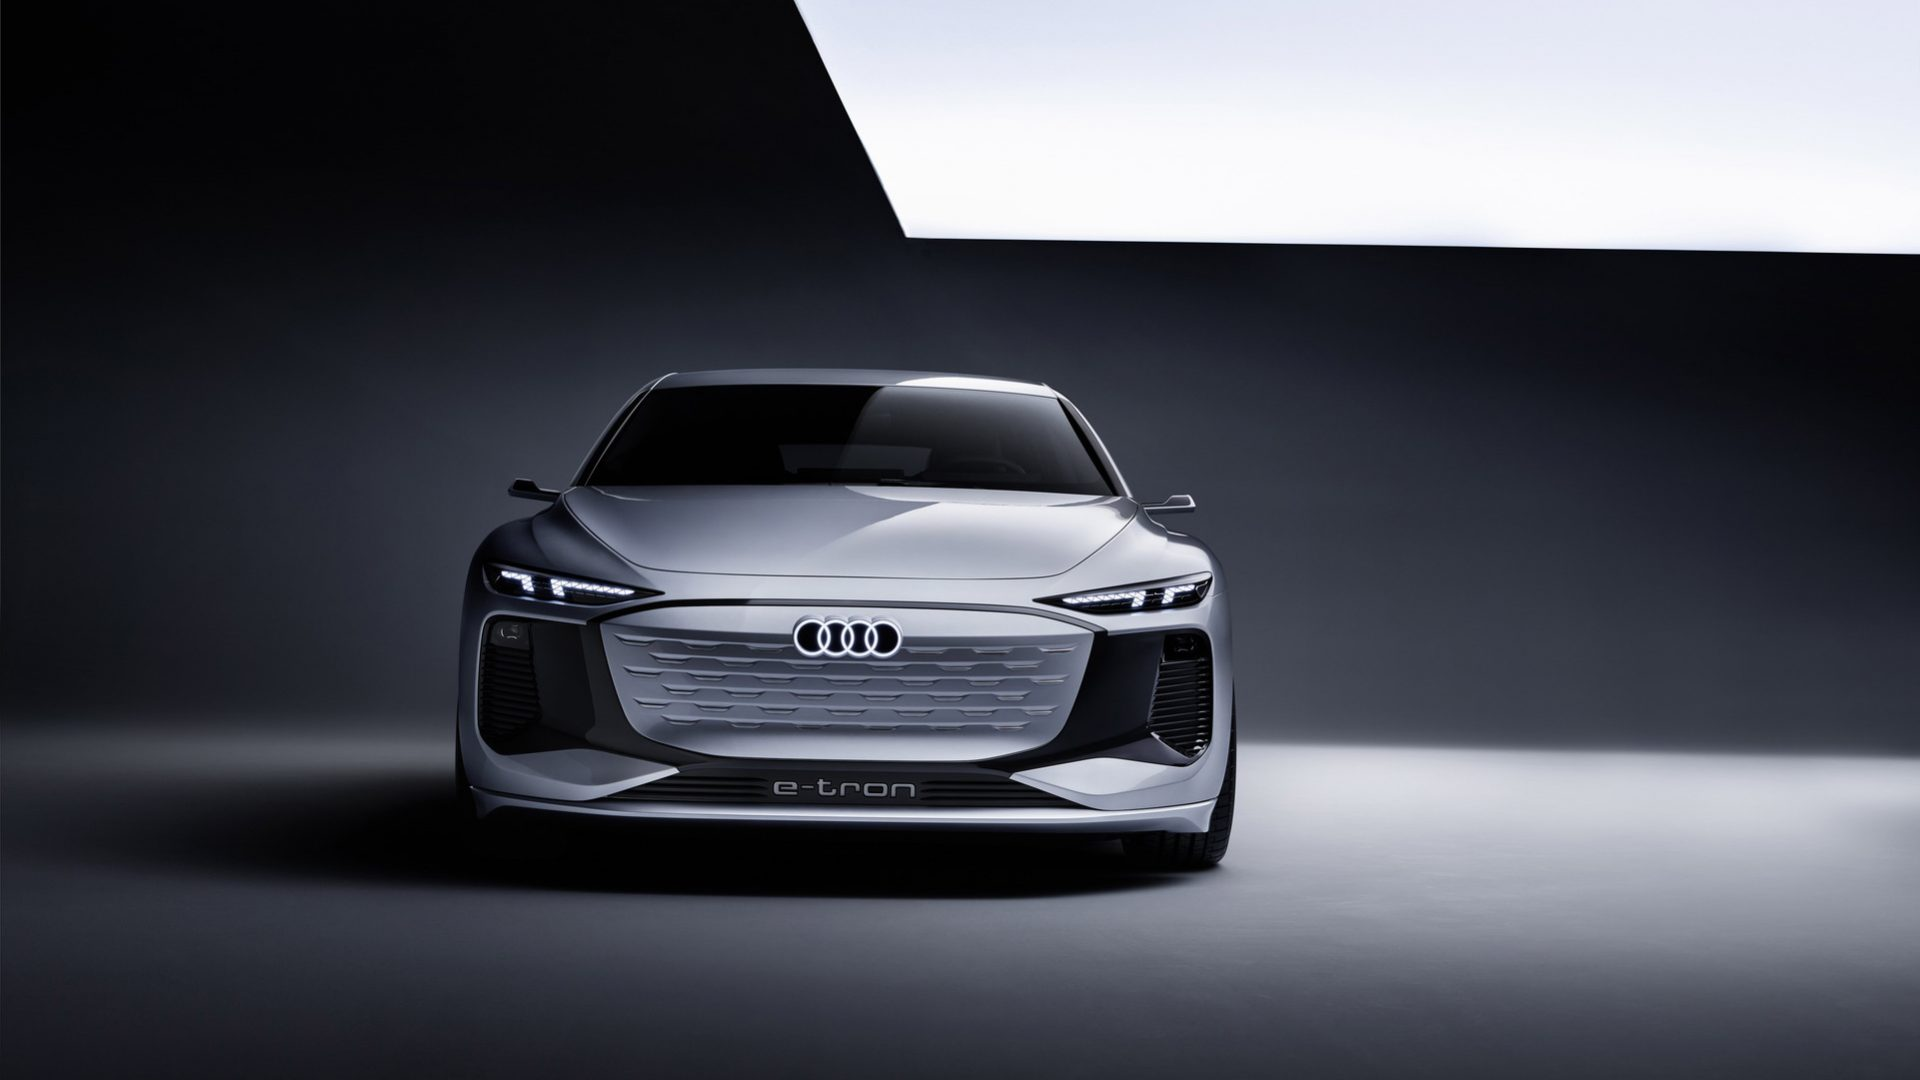 2021-Audi-A6-e-tron-Concept-06